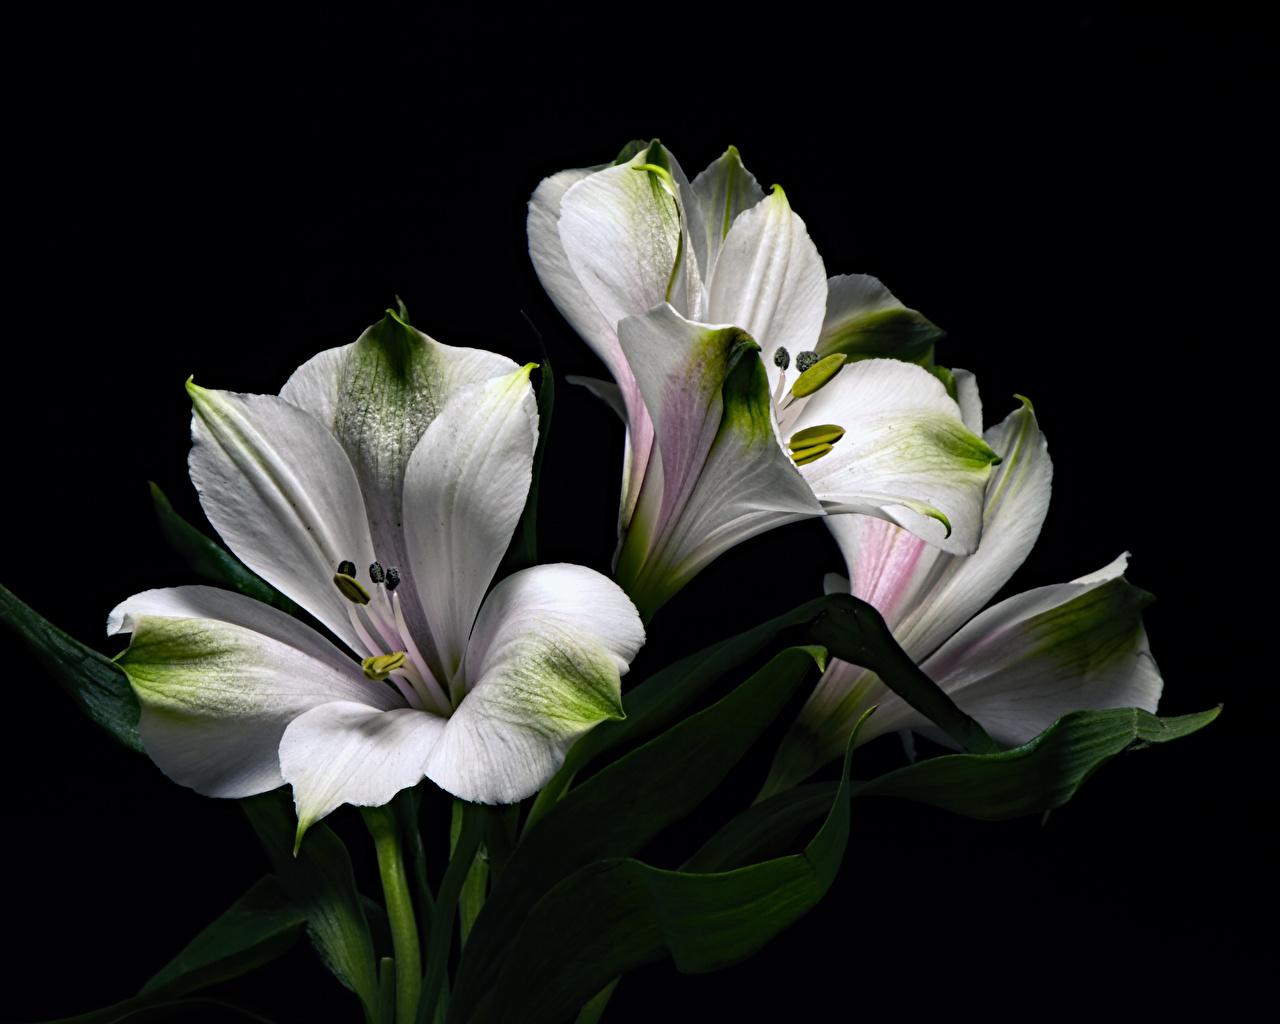 Foto Weiß Blumen Alstroemeria Großansicht Schwarzer Hintergrund Blüte Inkalilien hautnah Nahaufnahme